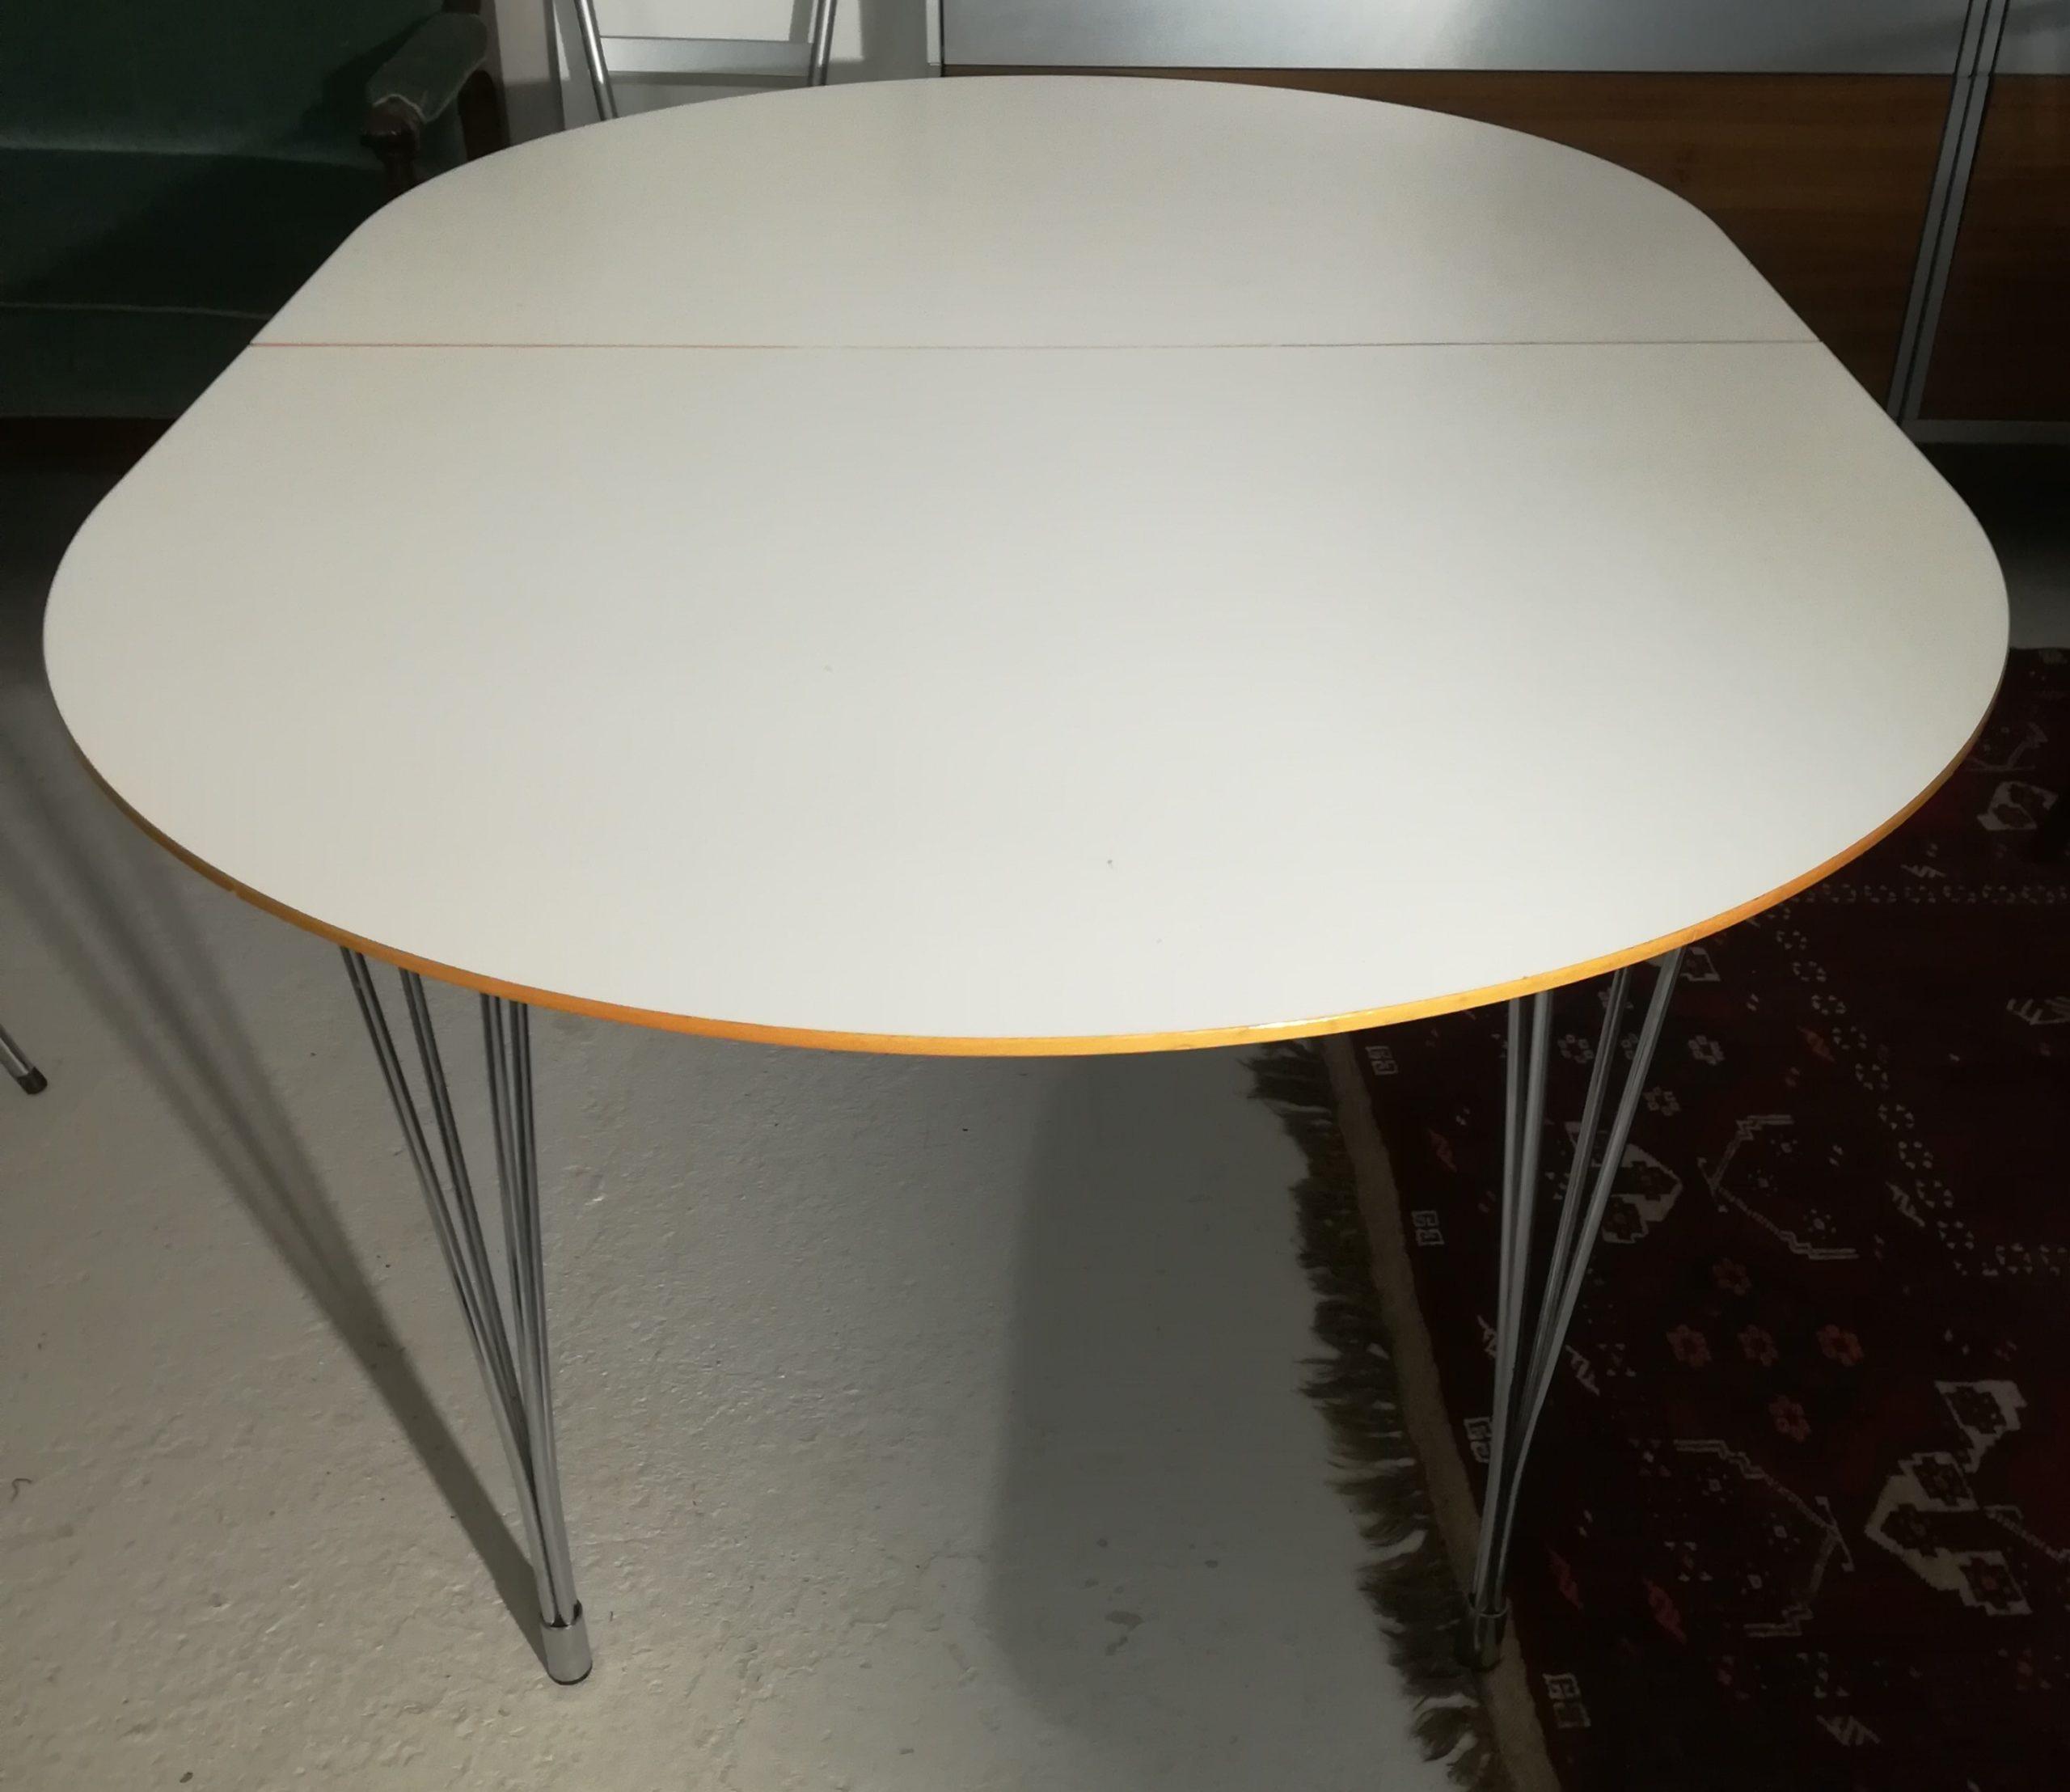 Spisebord I Hvid Laminat Ovalt Med Udtraek Og 1 Plade Forkromede Stalben Nyt Brugt Smukt